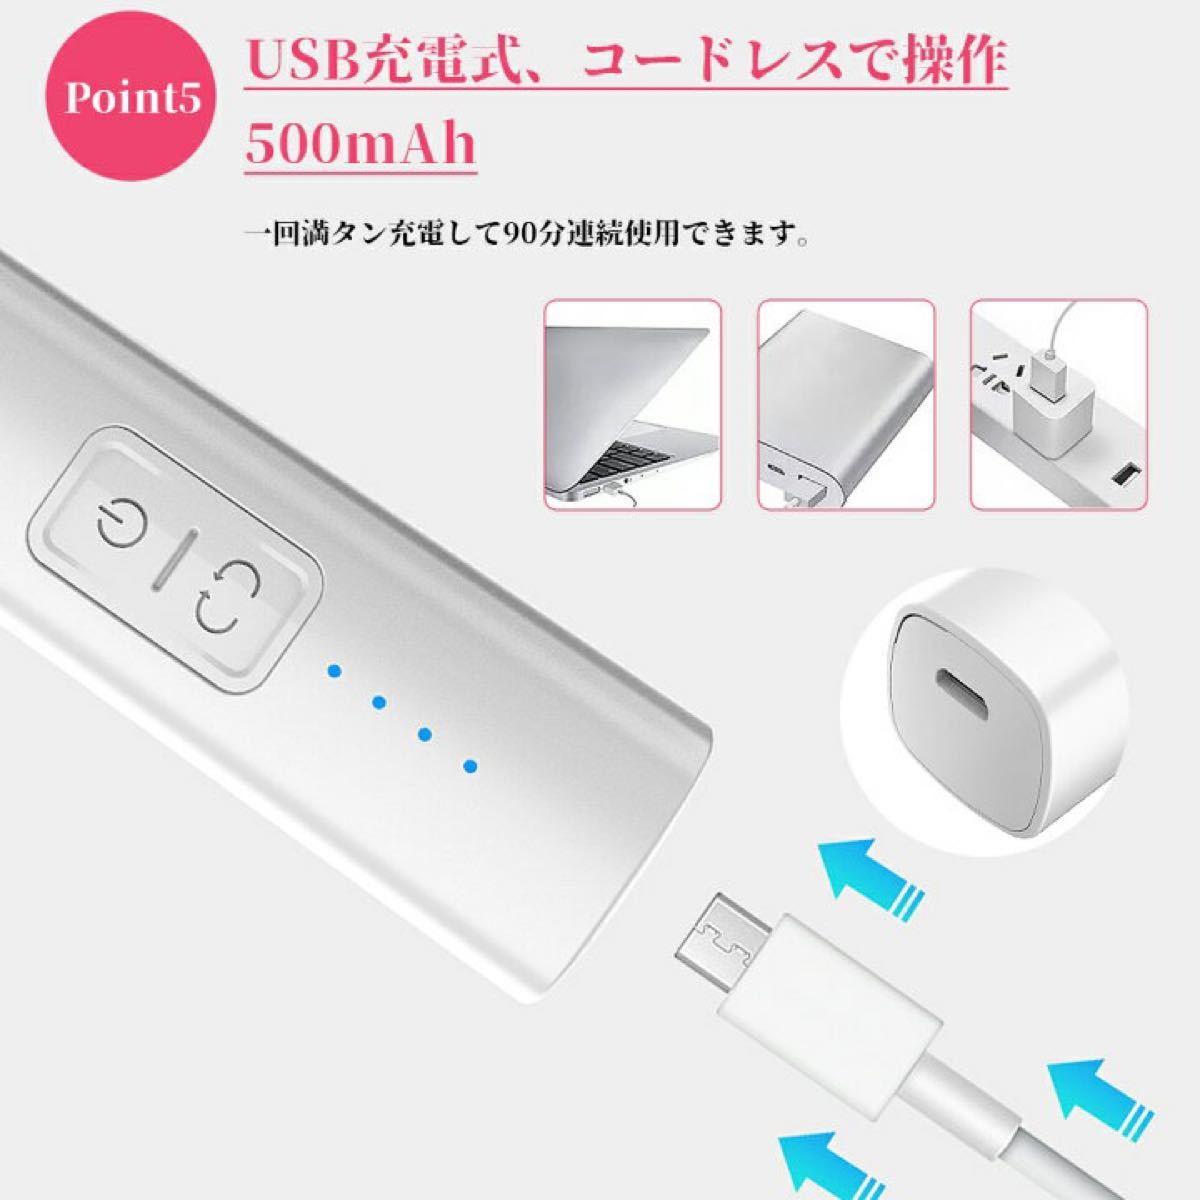 ネイルマシン コードレス LEDライト照明 ネイルケア 7in1多機能ネイル